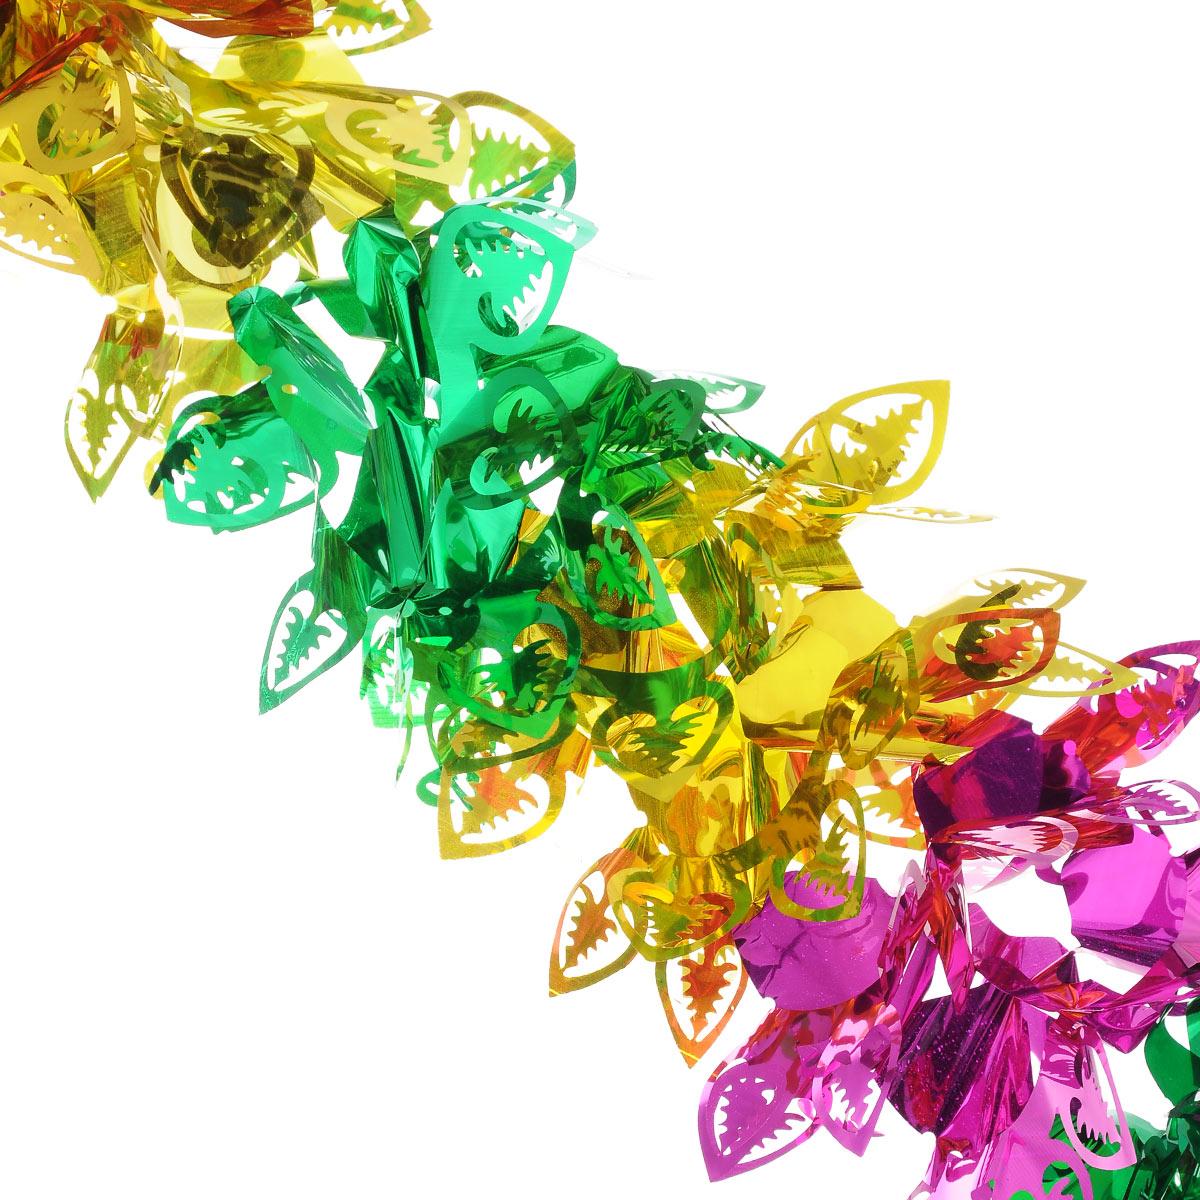 Новогодняя гирлянда EuroHouse, длина 300 смЕХ 9176Новогодняя гирлянда EuroHouse прекрасно подойдет для декора дома или офиса. Украшение выполнено из ПЭТ (полиэтилентерефталата), легко складывается и раскладывается. Новогодние украшения несут в себе волшебство и красоту праздника. Они помогут вам украсить дом к предстоящим праздникам и оживить интерьер по вашему вкусу. Создайте в доме атмосферу тепла, веселья и радости, украшая его всей семьей. Диаметр (в сложенном виде): 26 см.